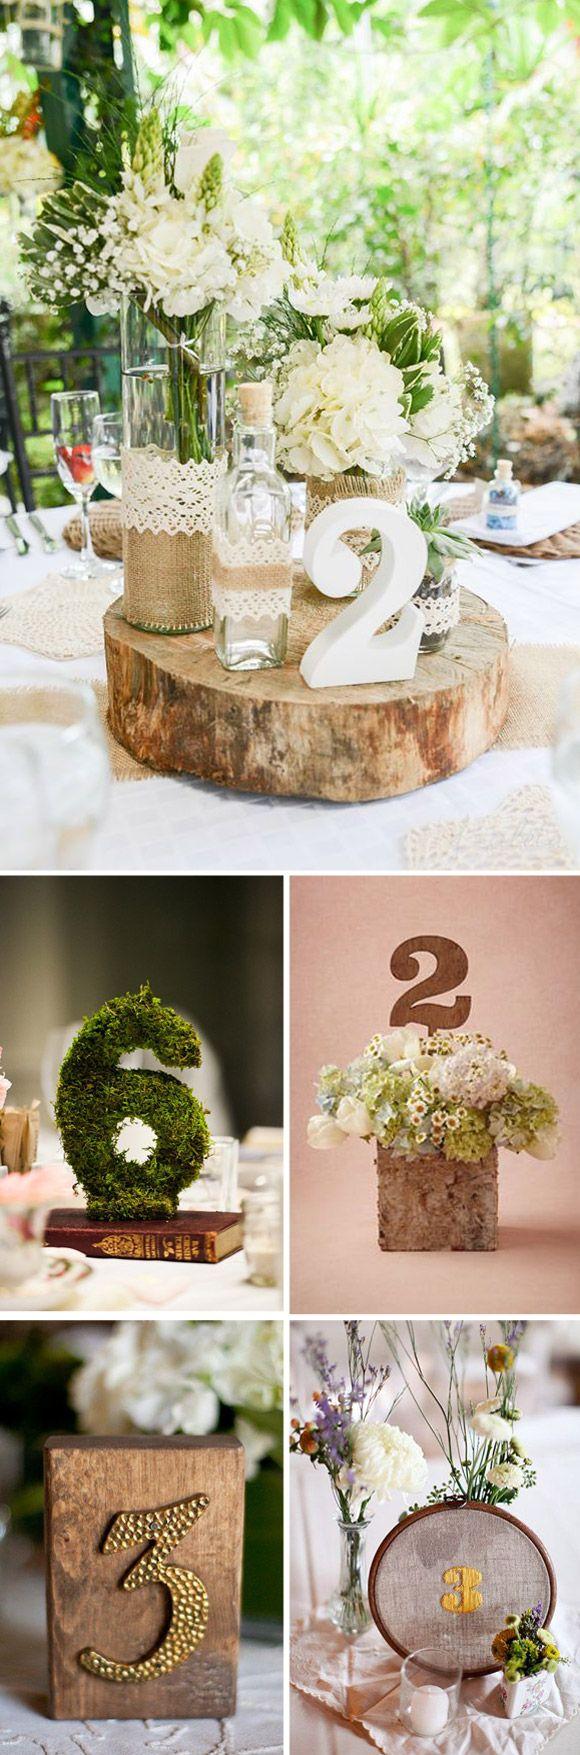 principales ideas increbles sobre propuestas de matrimonio en pinterest propuestas compromiso y romntico